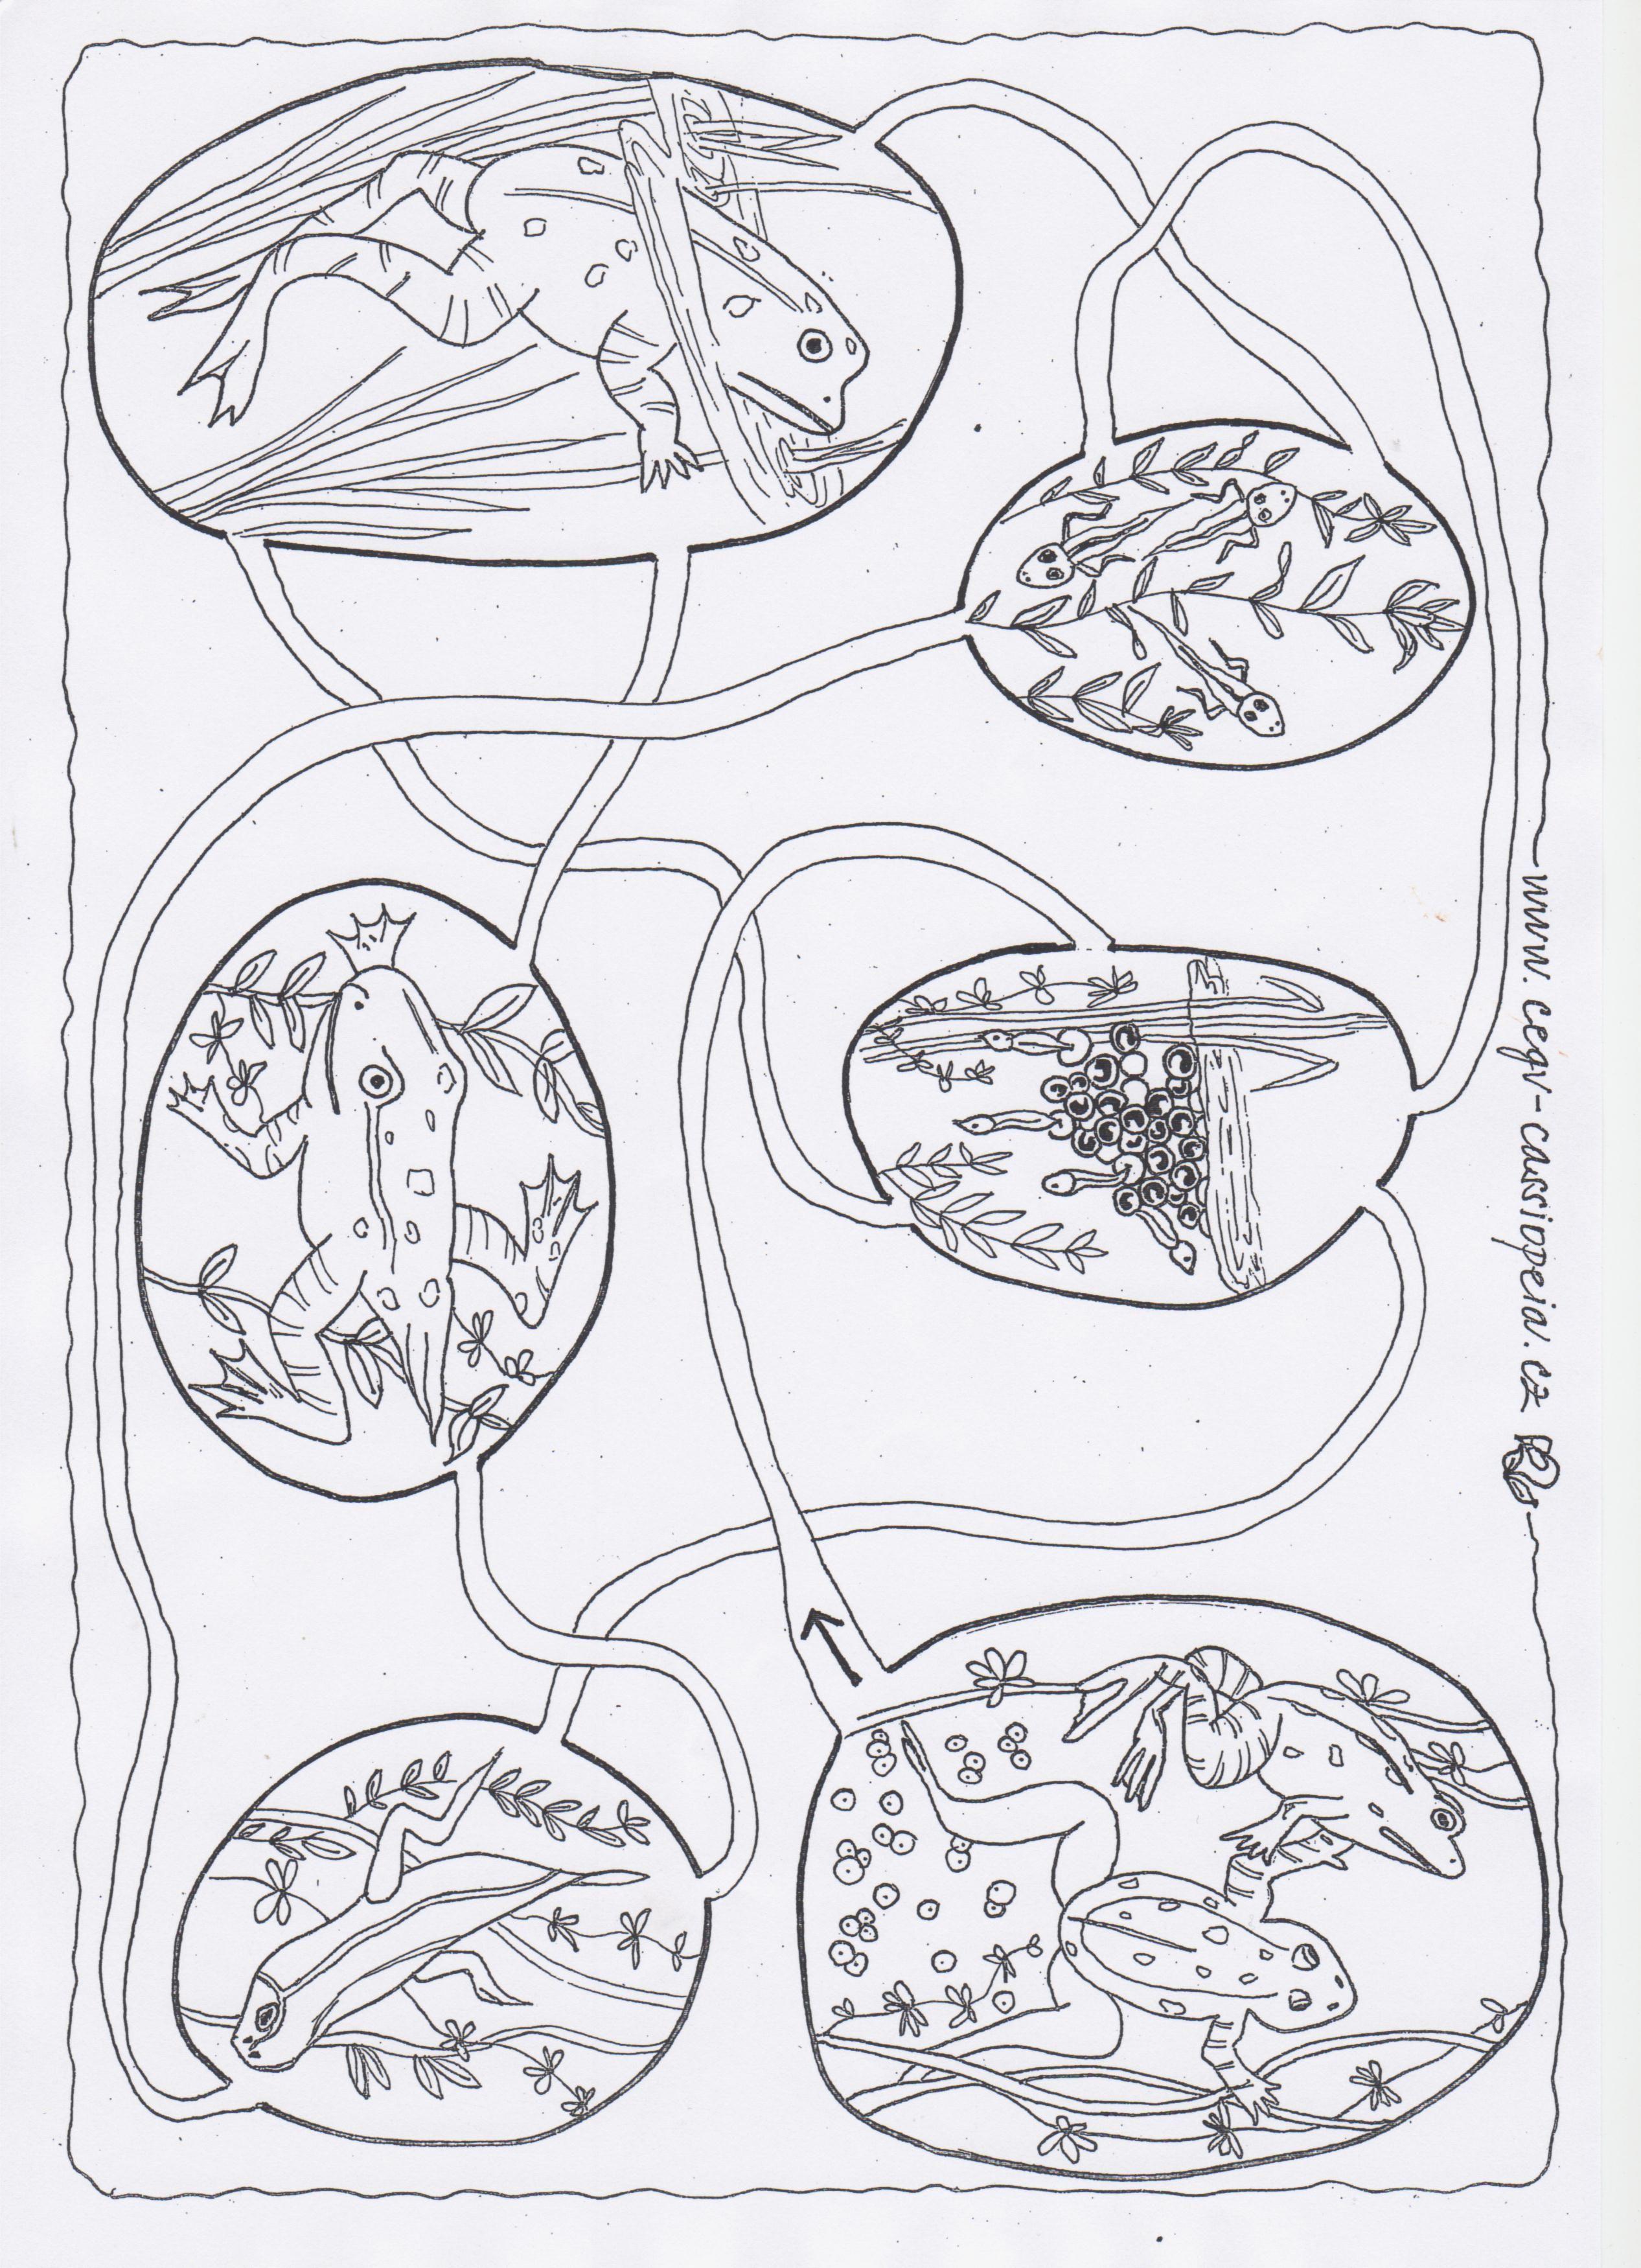 Pracovni Listy Rybnik